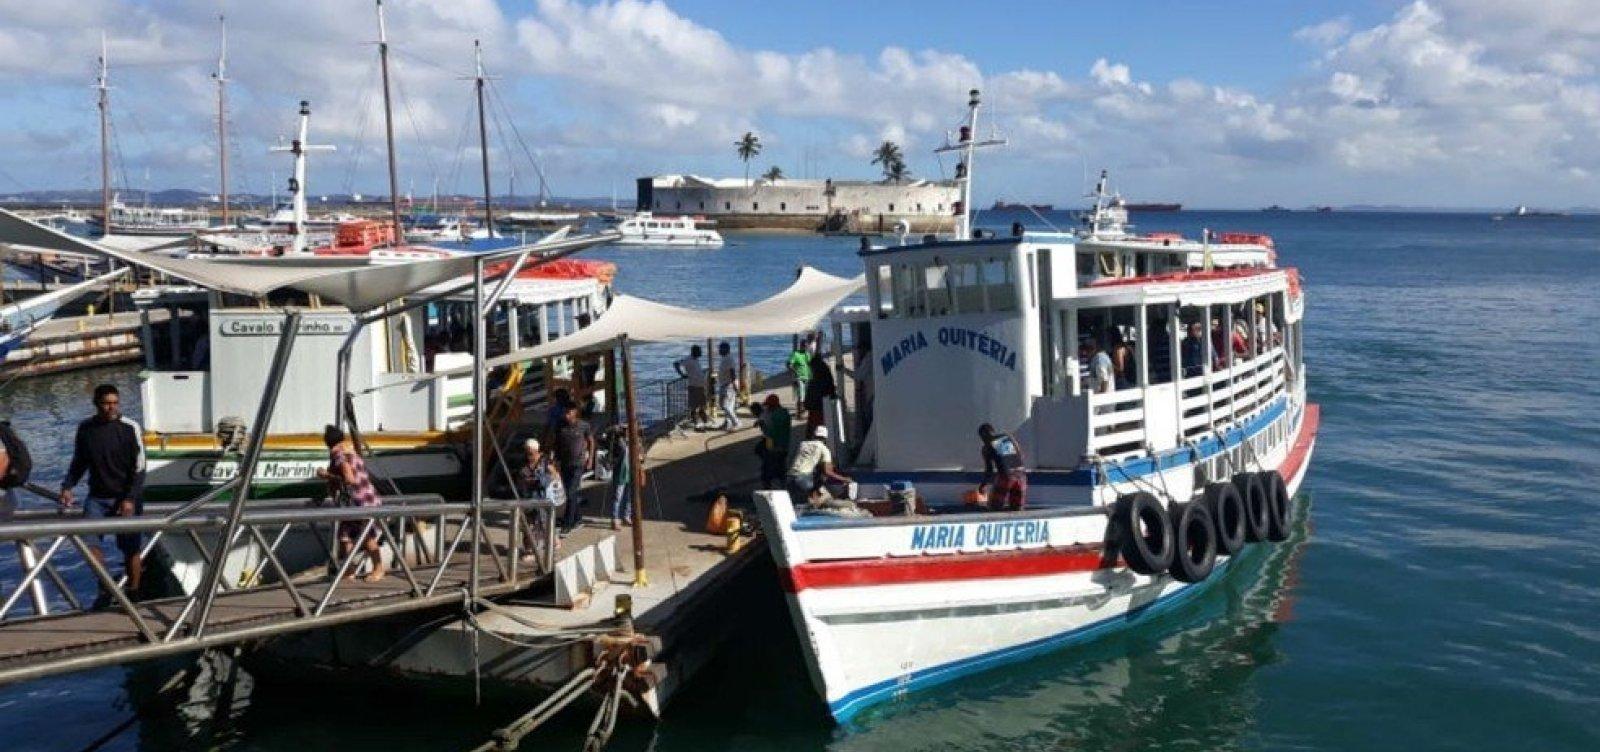 Travessia Salvador-Mar Grande é suspensa por mau tempo